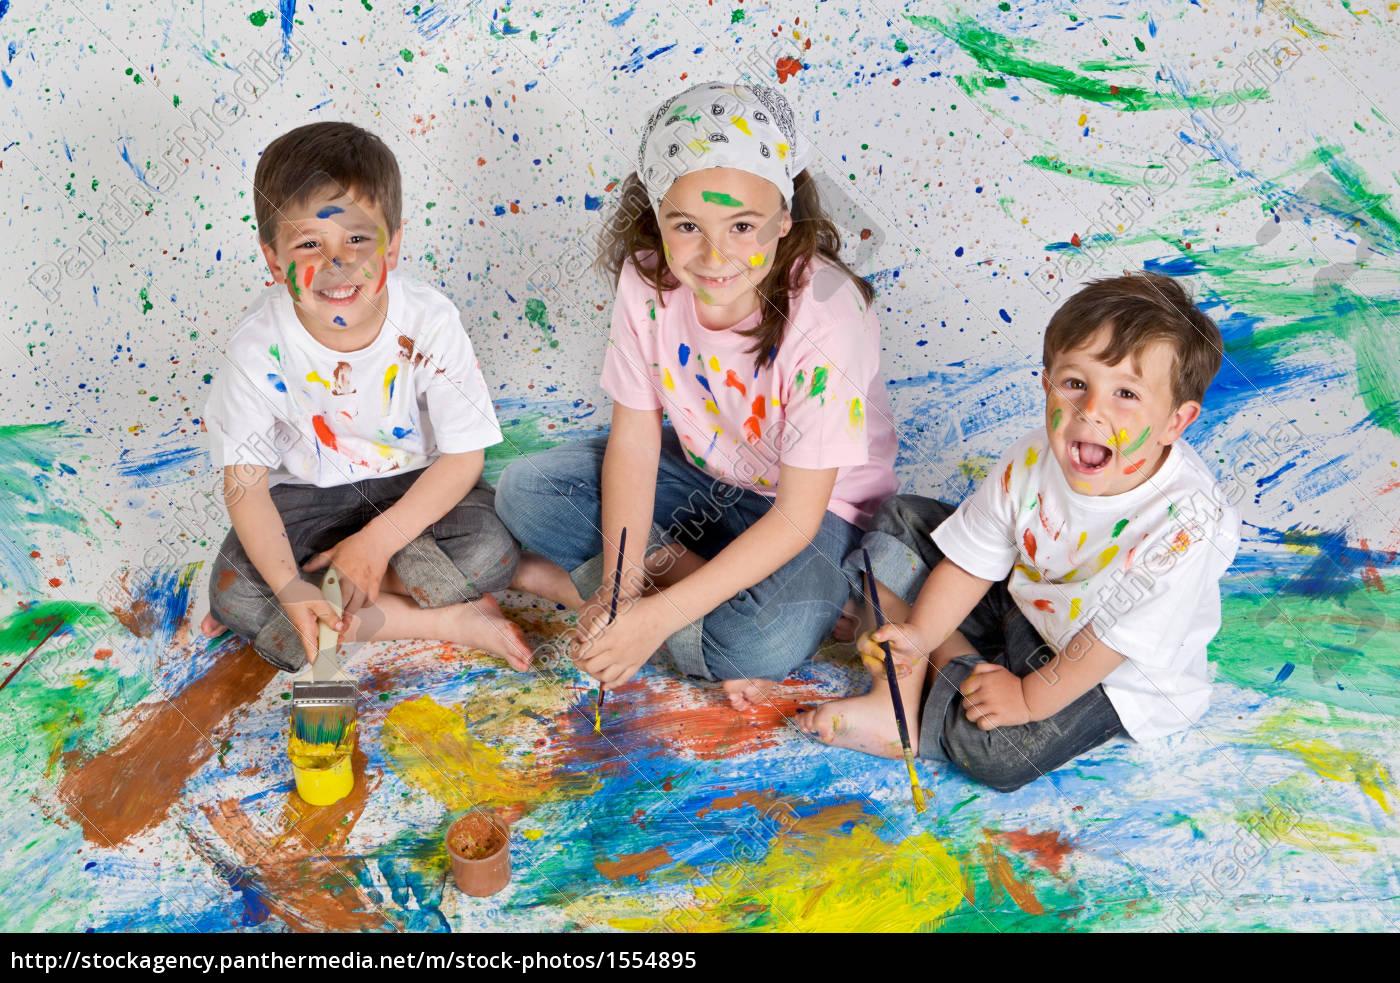 kinder spielen mit malerei - Lizenzfreies Bild - #1554895 ...